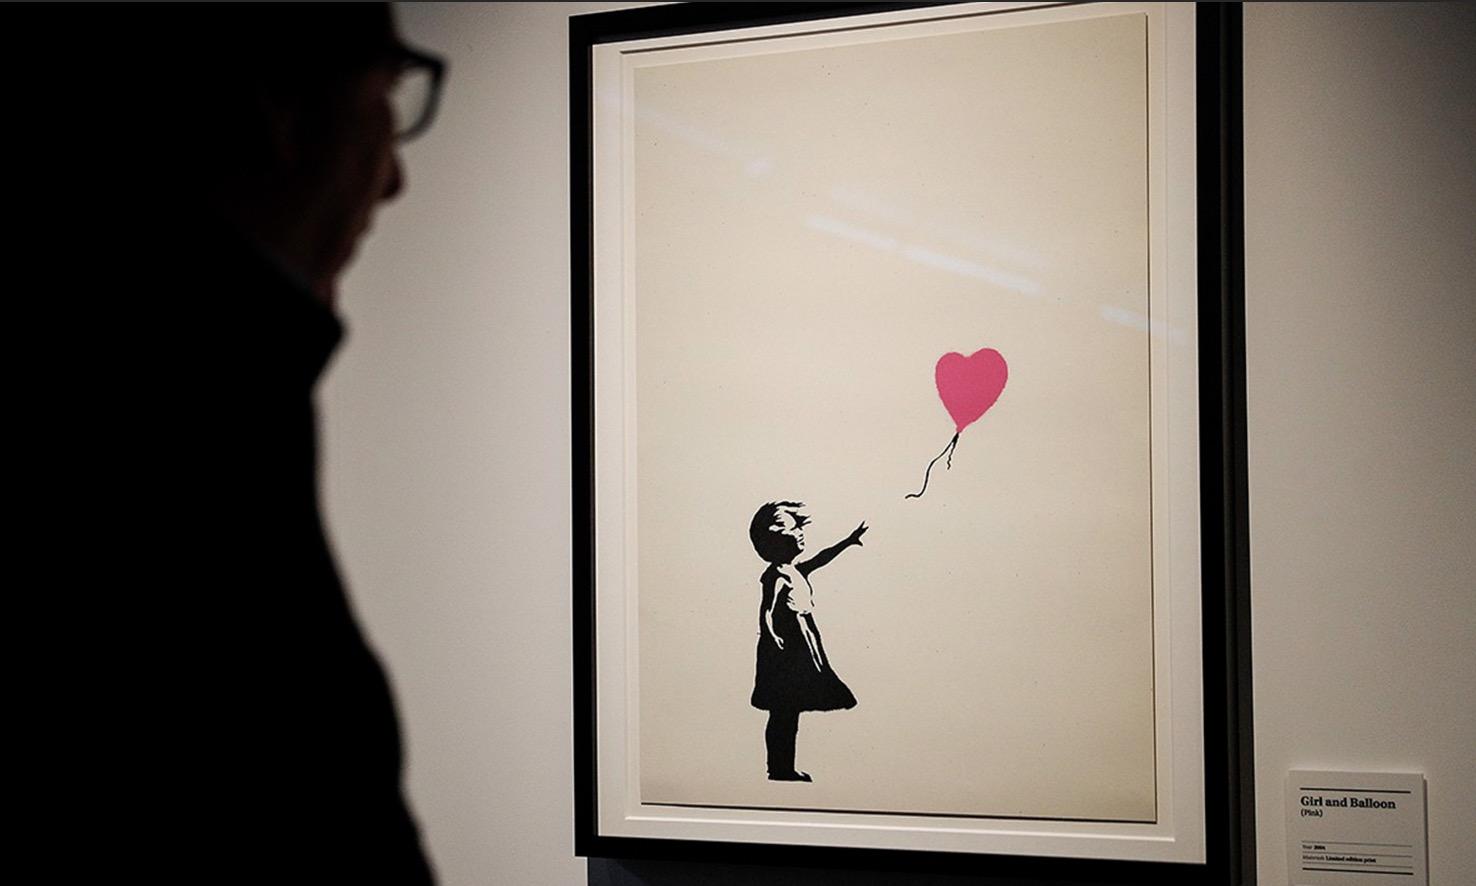 苏富比《Banksy|Online》拍卖会共拍得 140 万美元